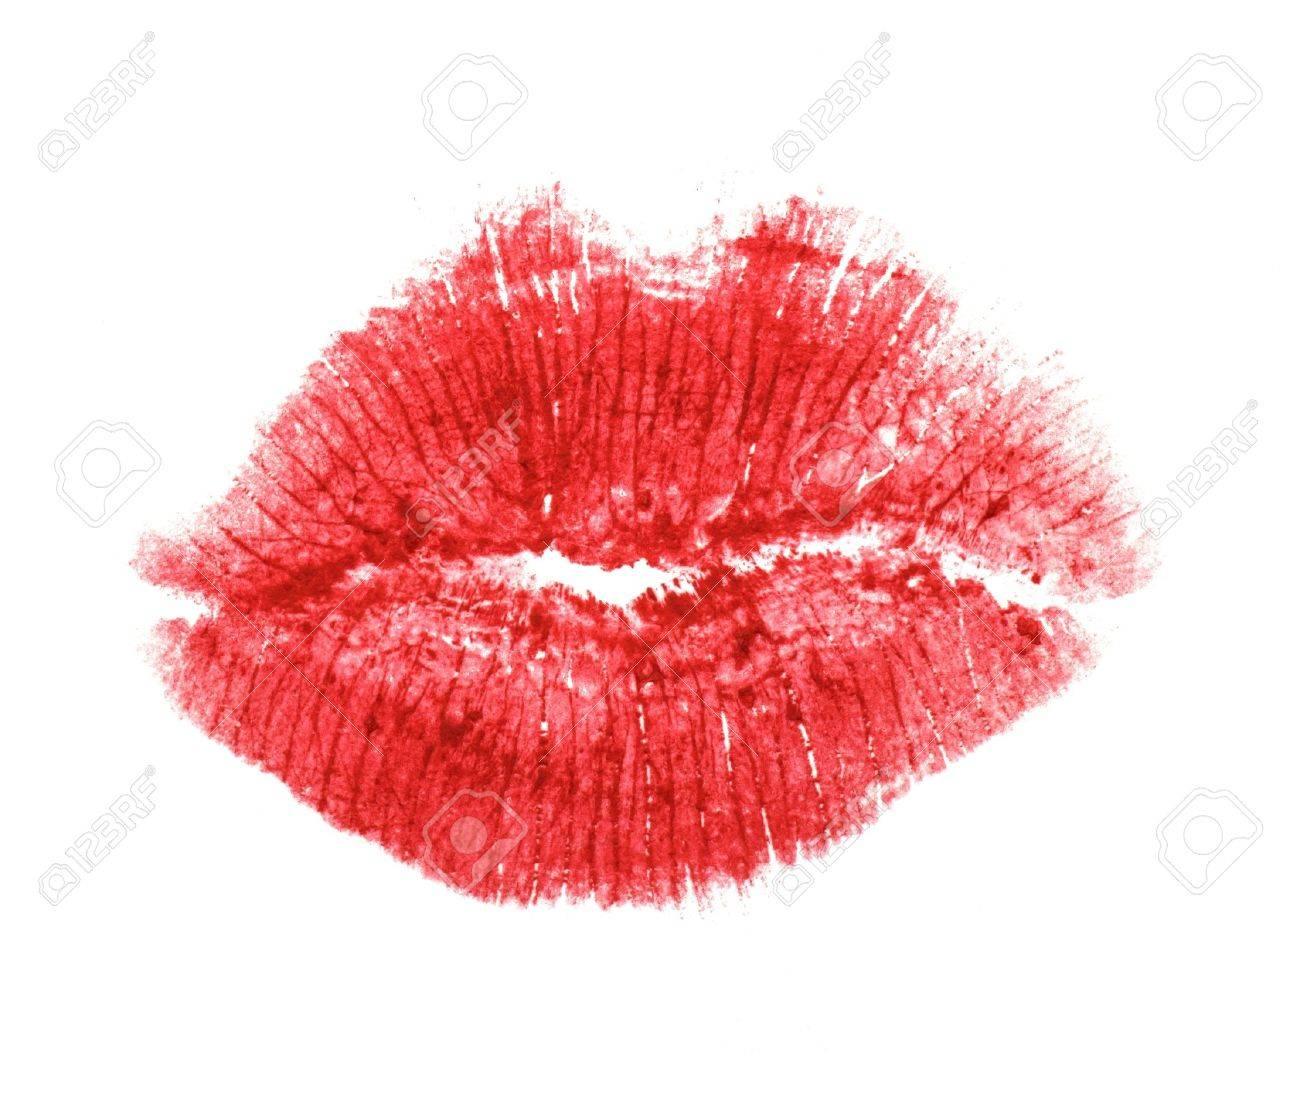 Baiser de rouge à lèvres sur fond blanc Banque d'images - 15070644